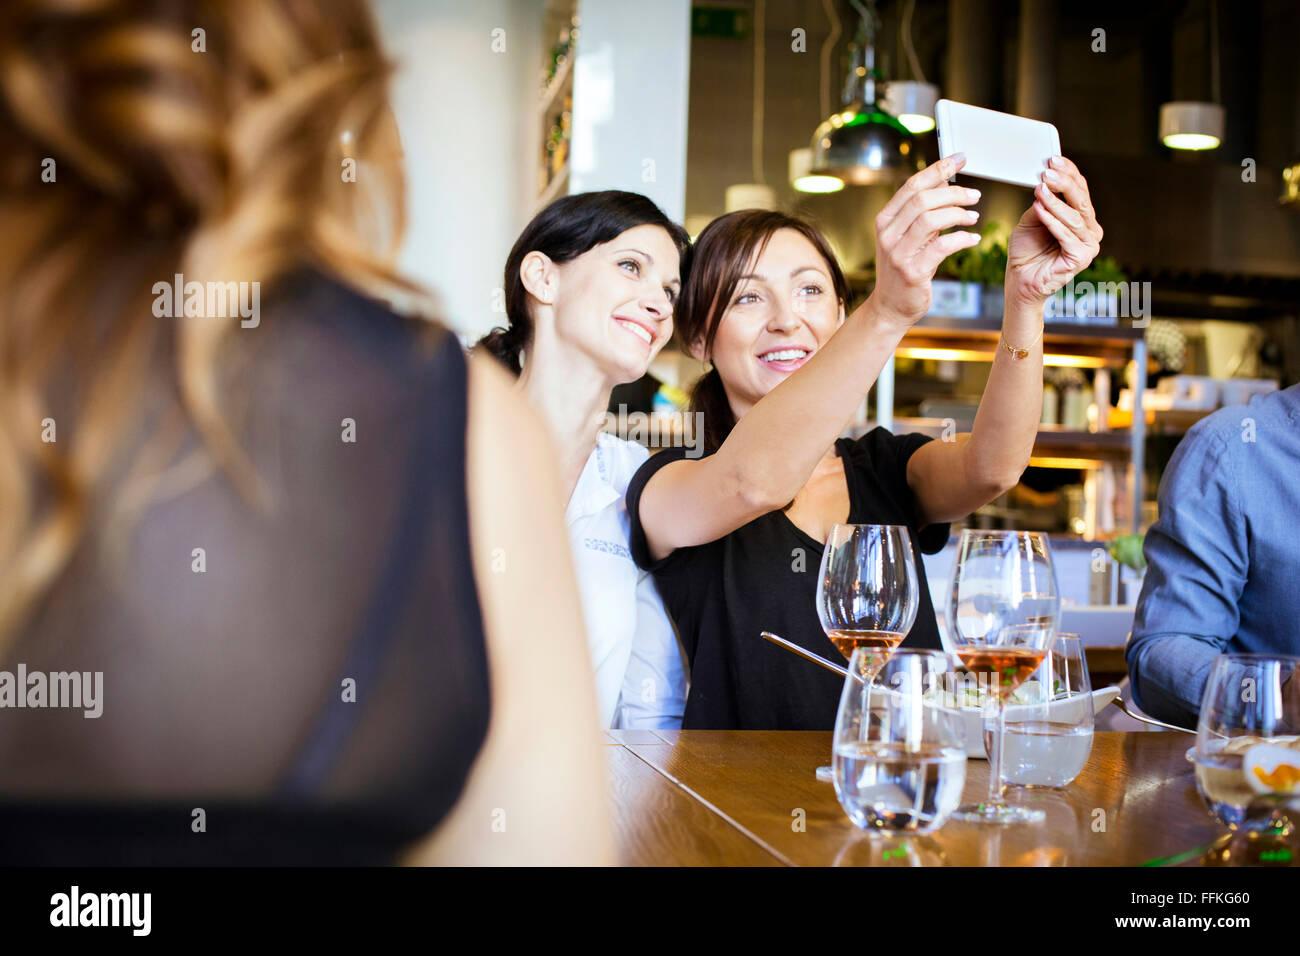 Deux femmes prenant un restaurant en selfies Photo Stock